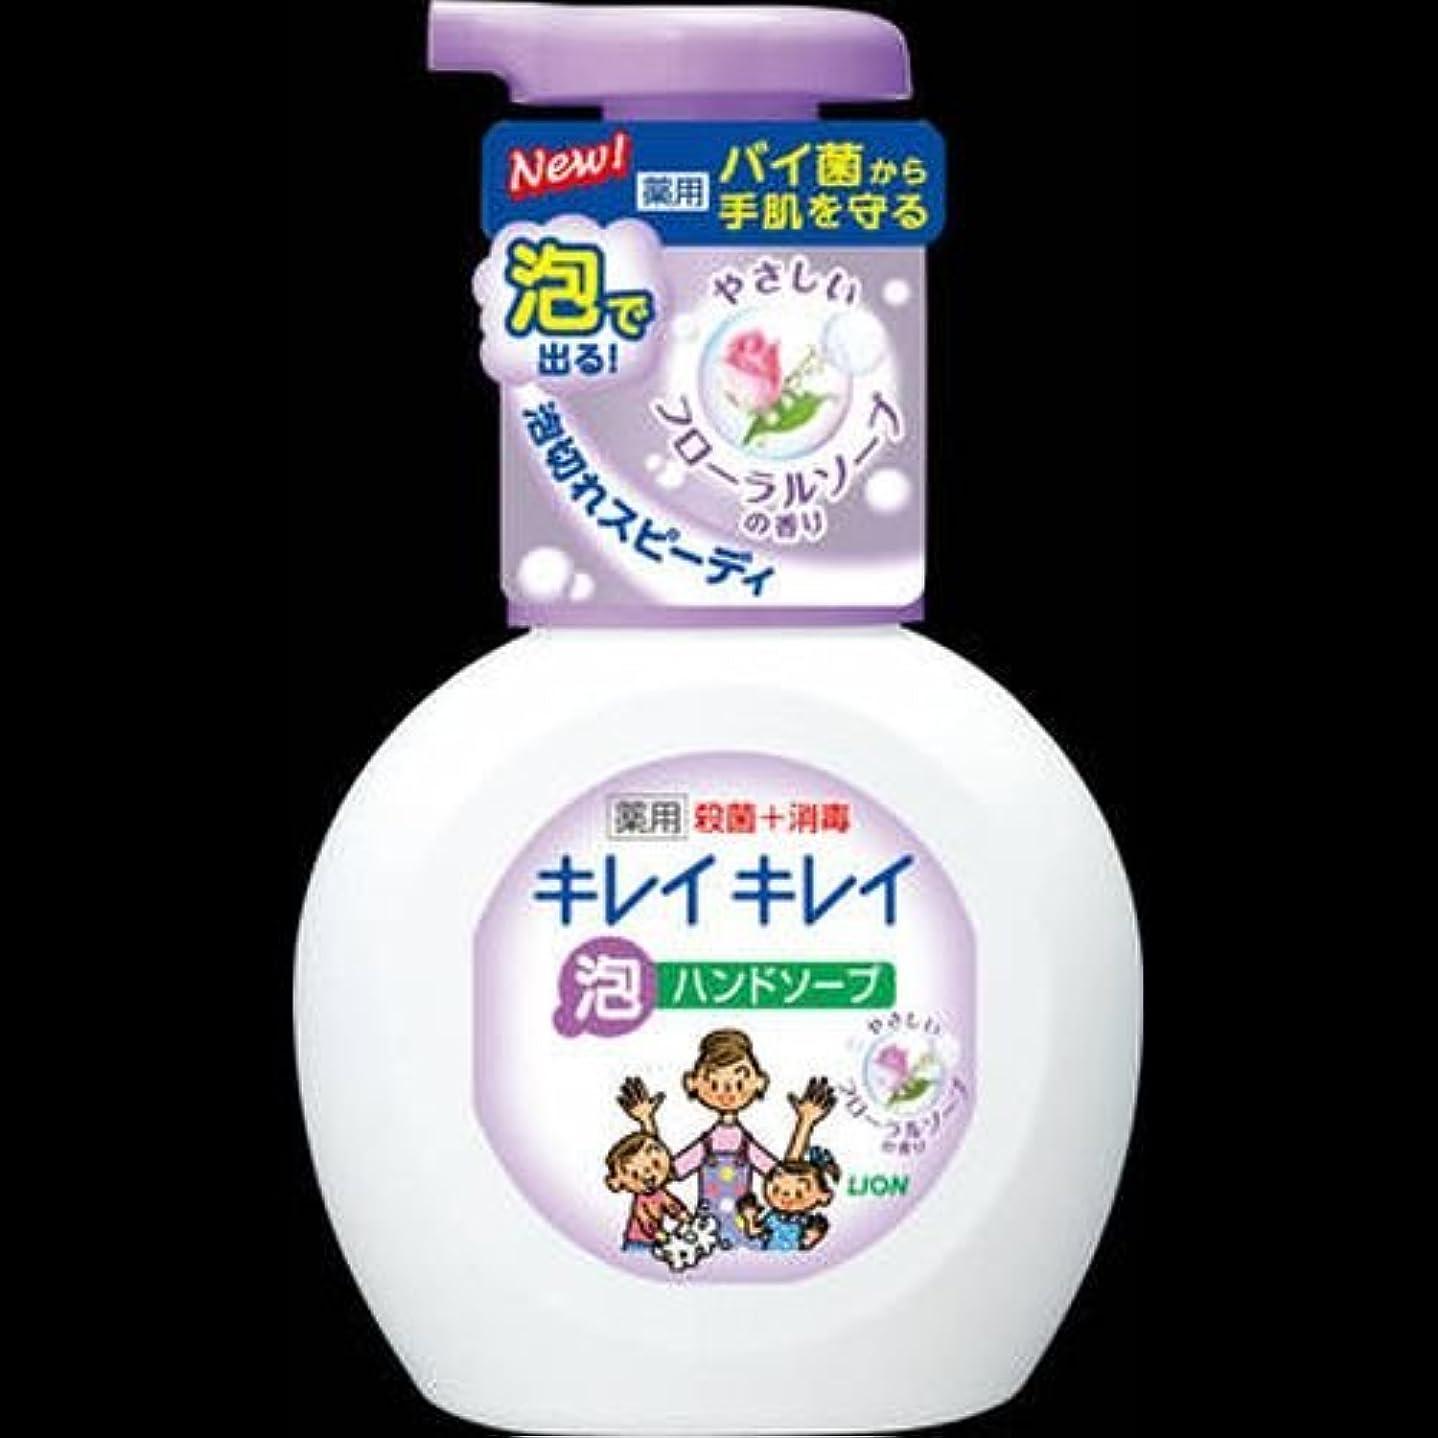 レコーダーアイザックマトロンキレイキレイ 薬用泡ハンドソープ フローラルソープの香り ポンプ 250mL ×2セット